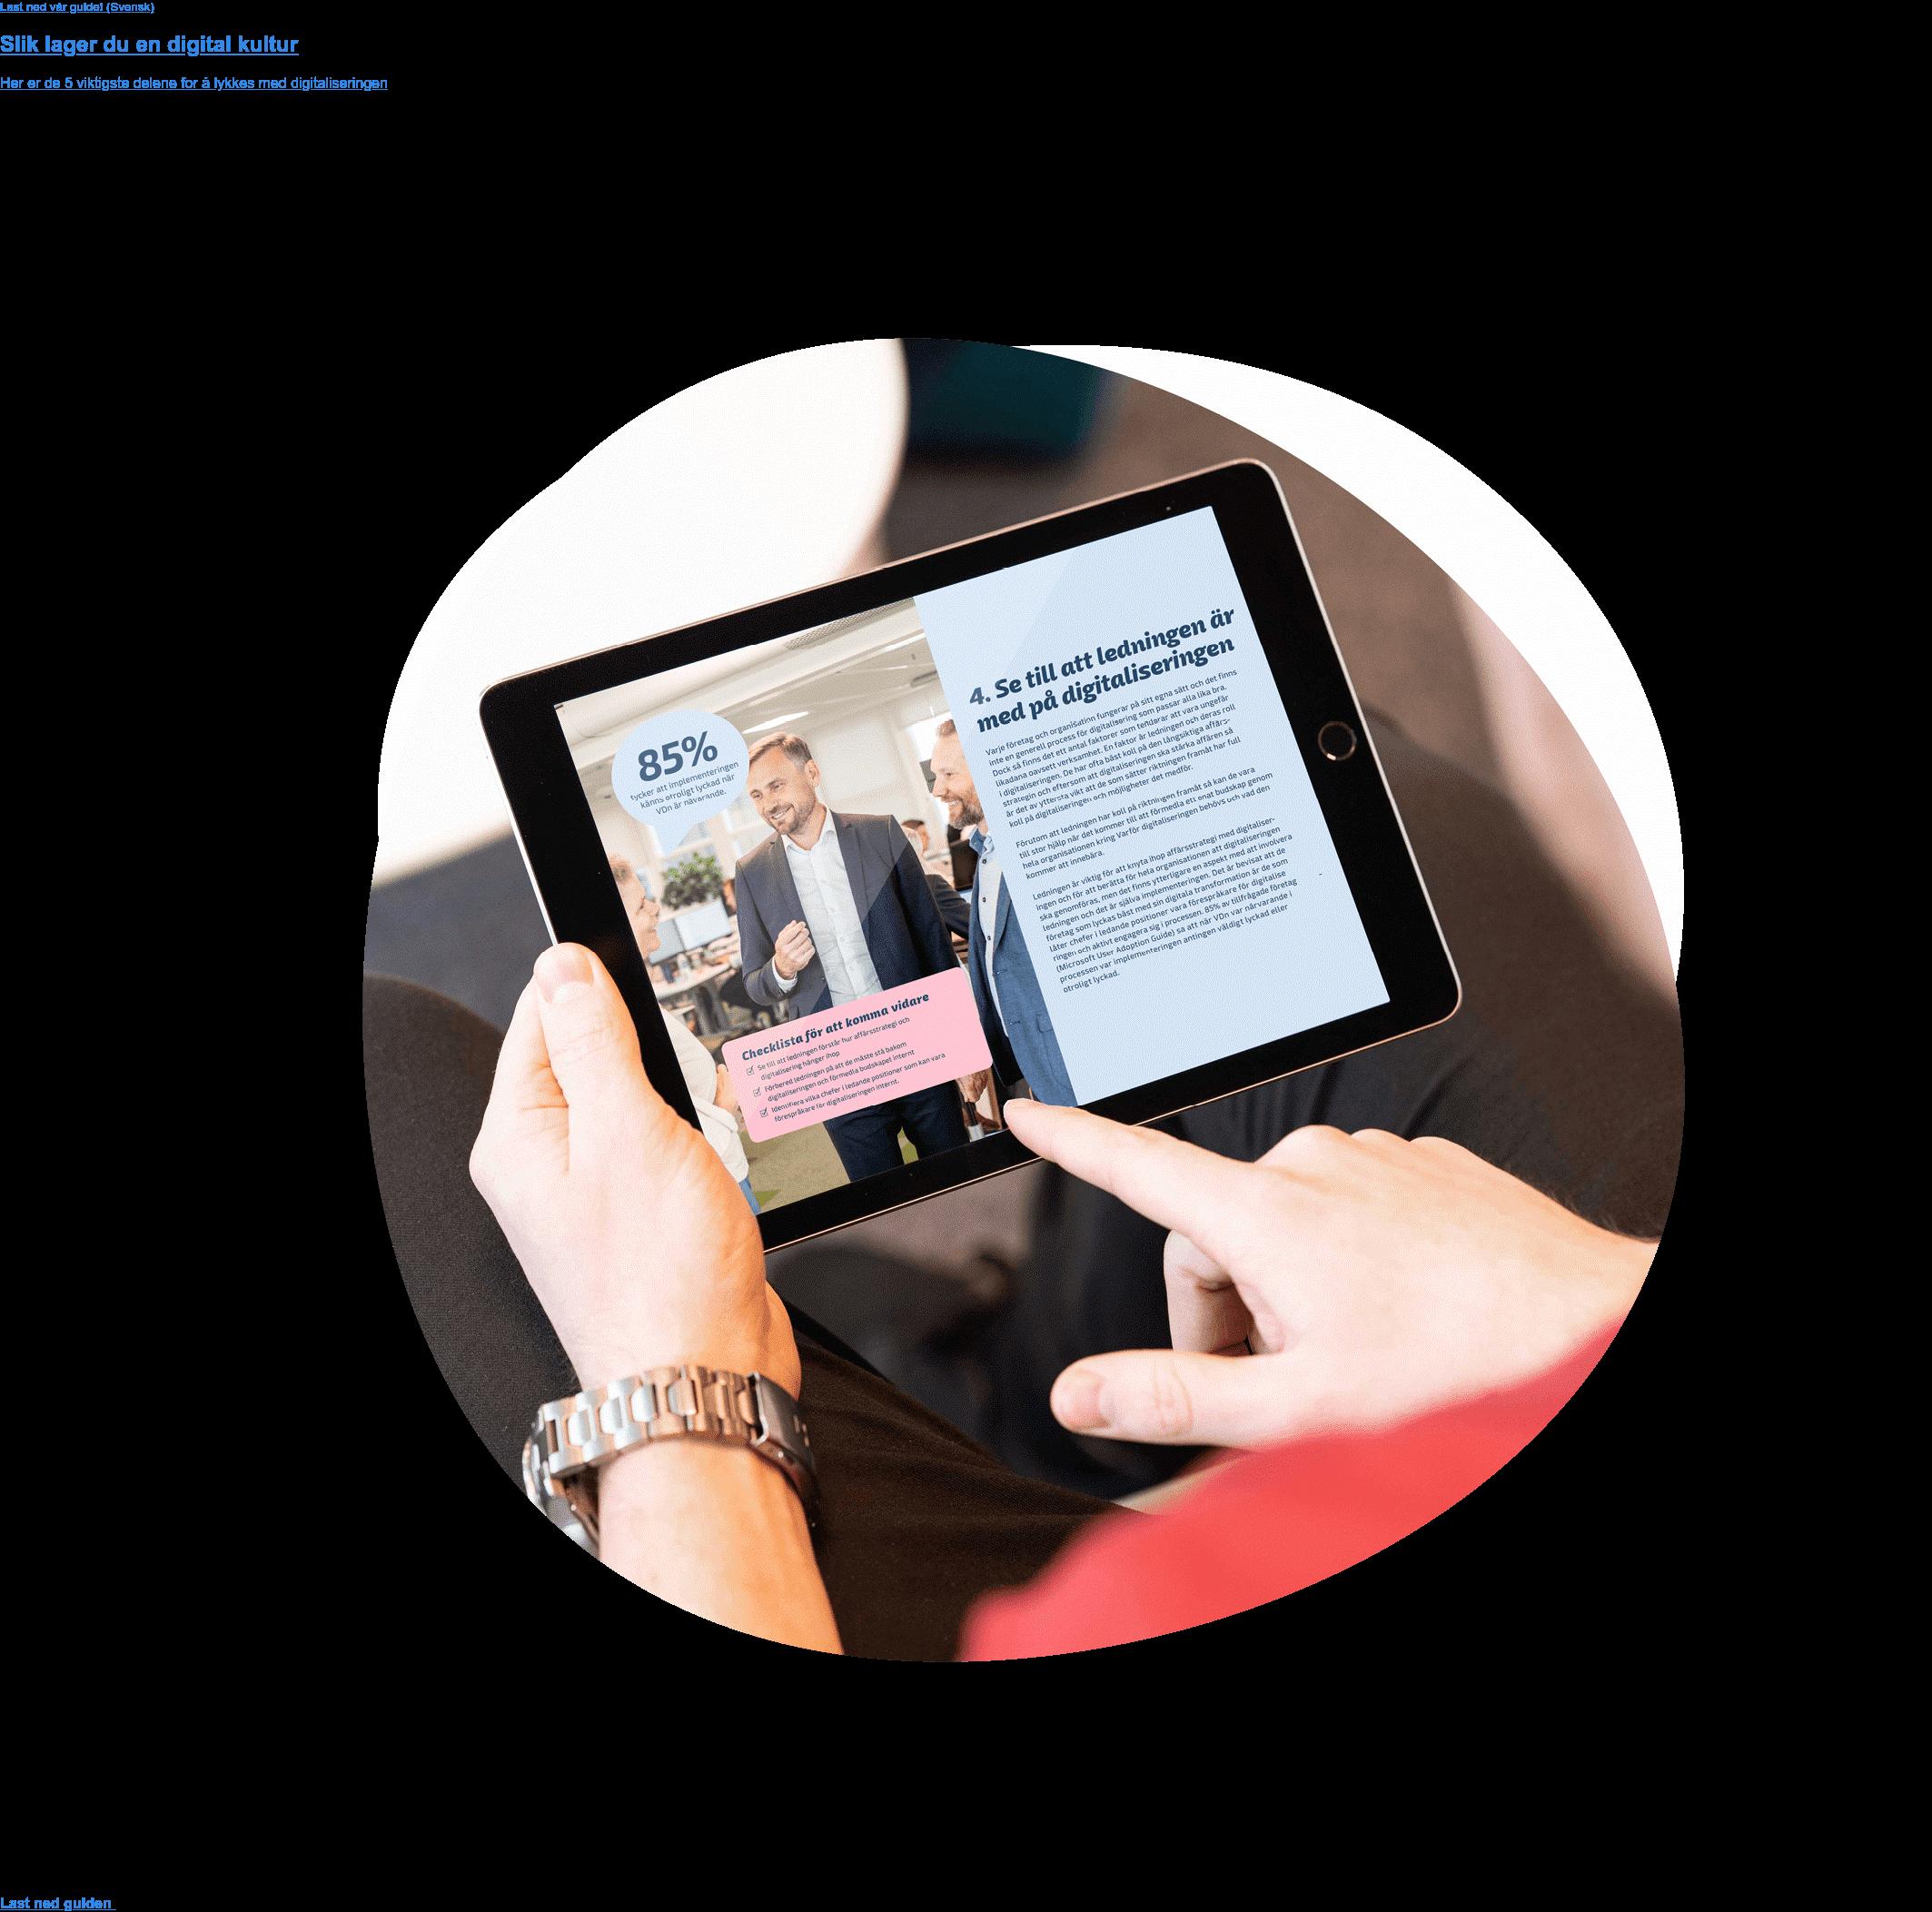 Last ned vår guide!  Slik lager du en digital kultur  Her er de 5 viktigste delene for å lykkes med digitaliseringen Last ned guiden